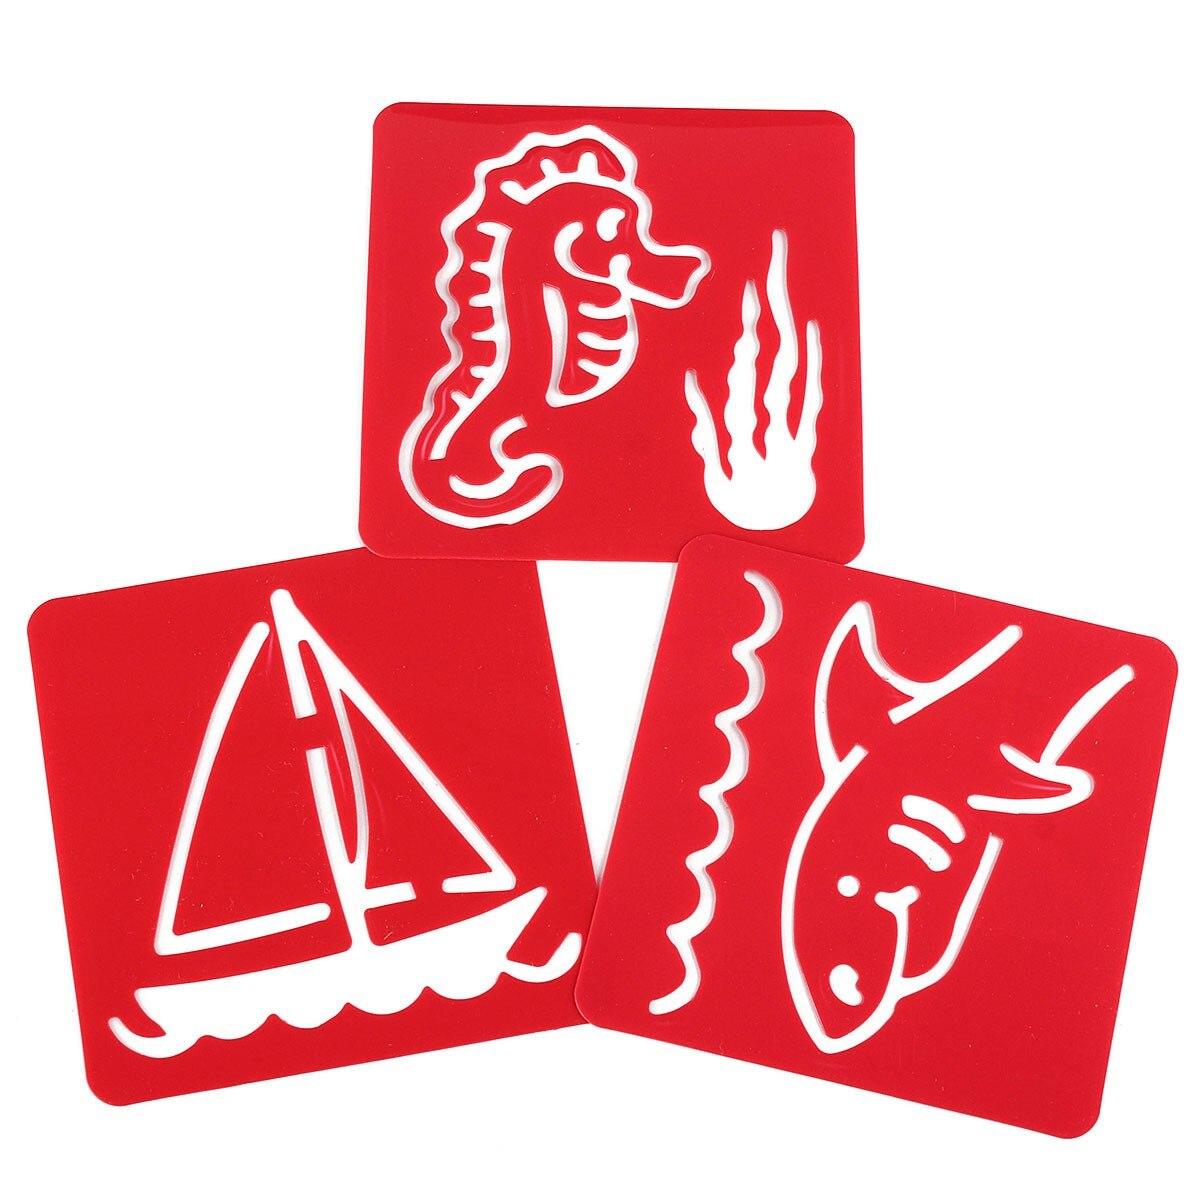 aliexpress com buy 12pcs kids drawing template stencil craft